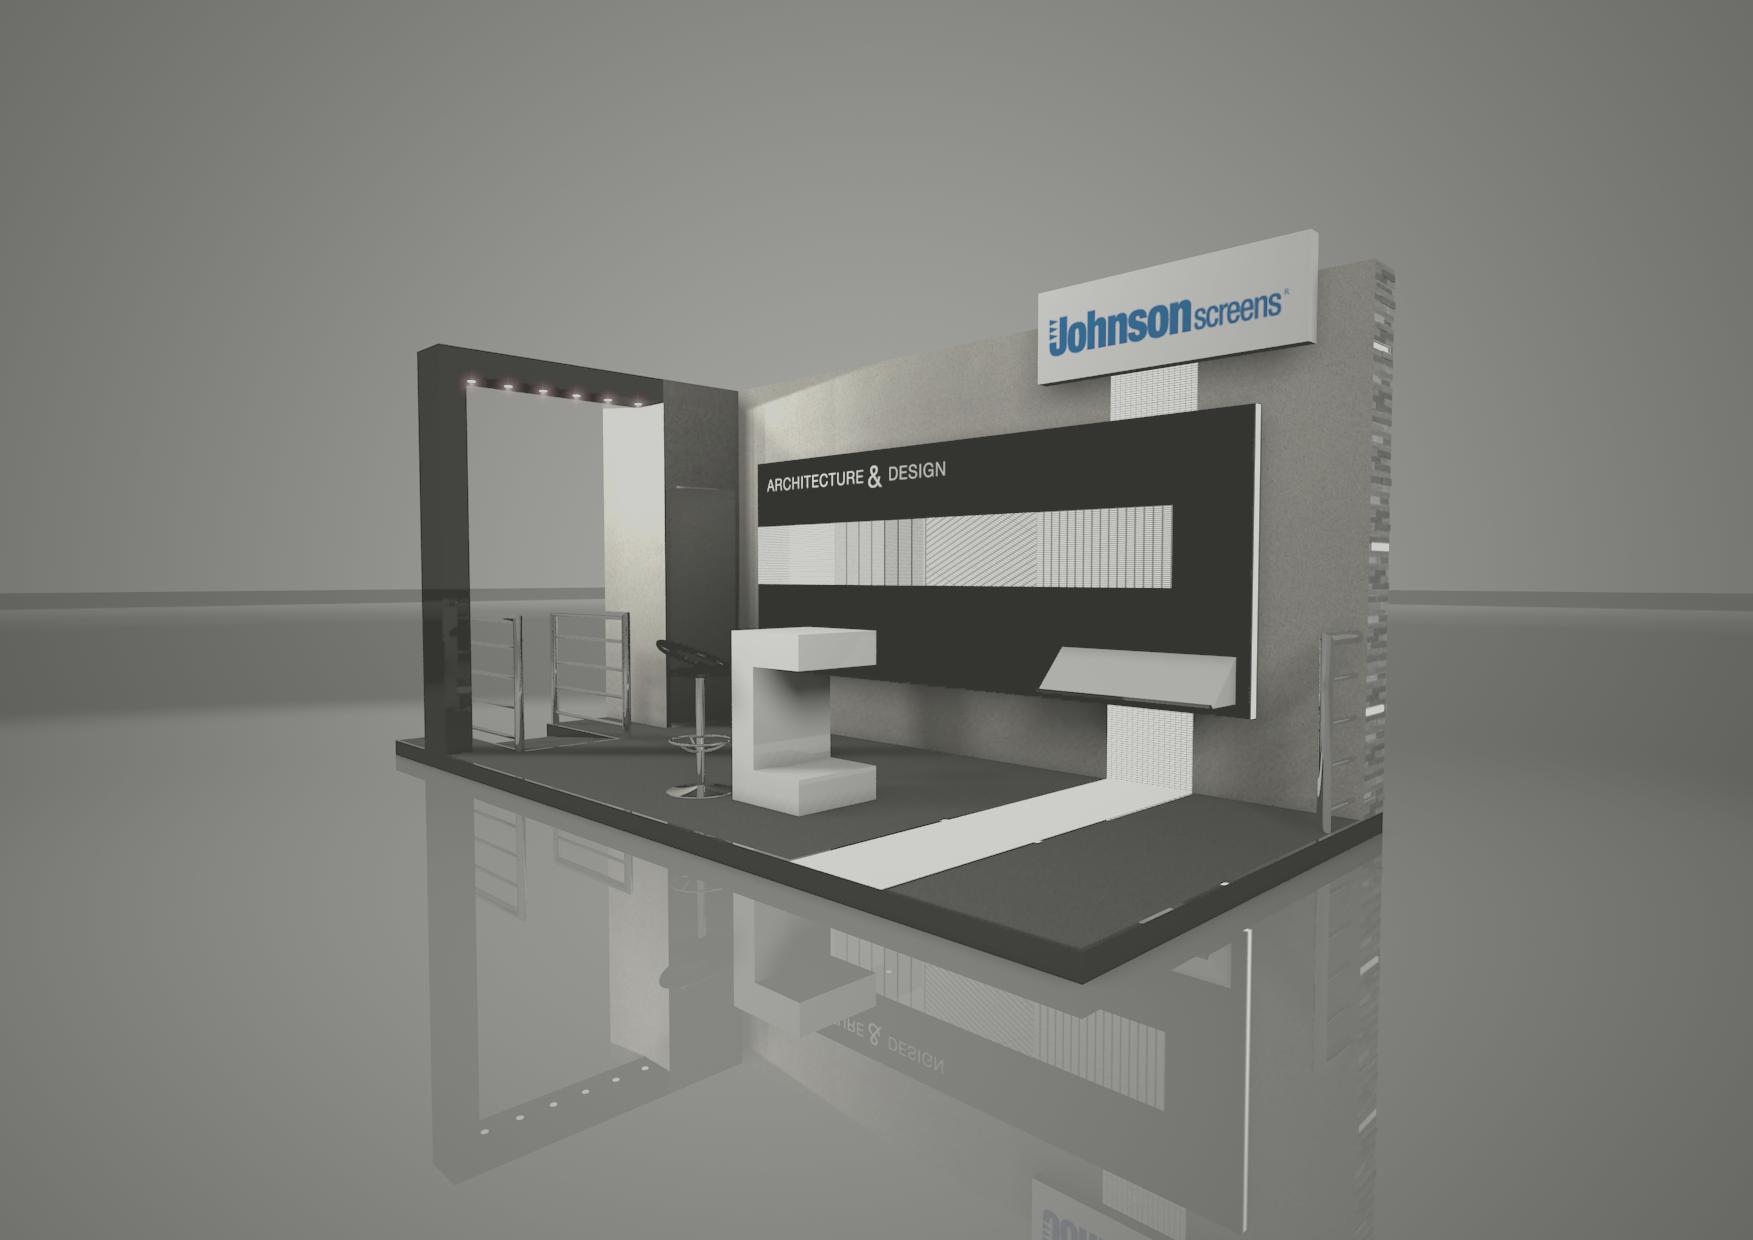 Custom Exhibition Stands Uk : Custom exhibition stands uk matix